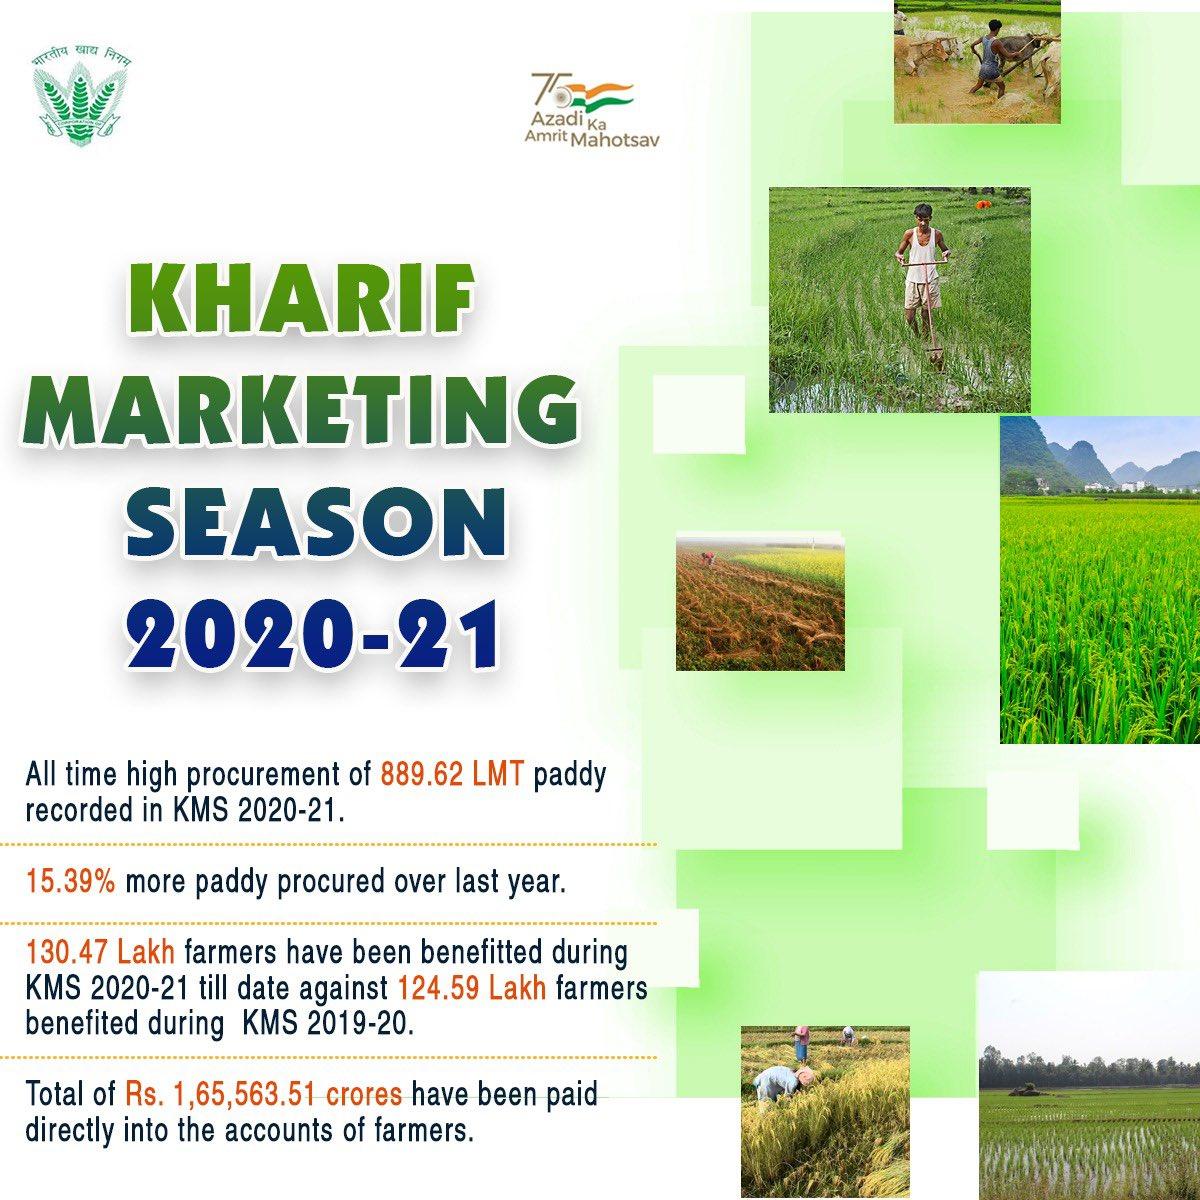 मौजूदा खरीफ विपणन सत्र में लगभग 130.47 लाख किसान एमएसपी मूल्यों पर हुए खरीद कार्यों से लाभान्वित हो चुके